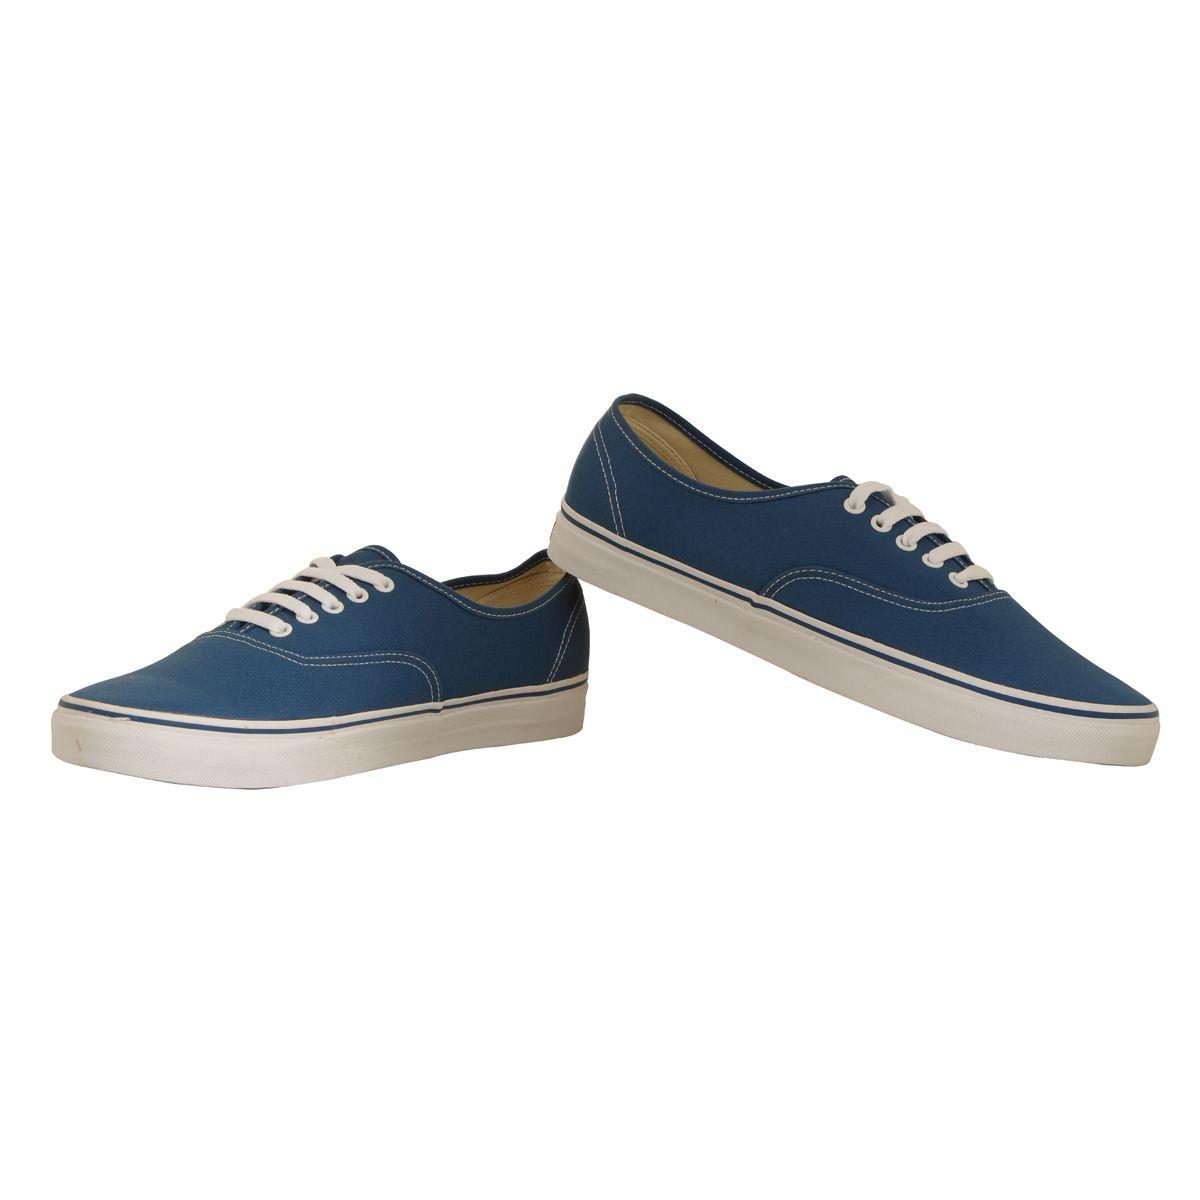 chaussures authentic bleu grande taille du 47 au 50. Black Bedroom Furniture Sets. Home Design Ideas